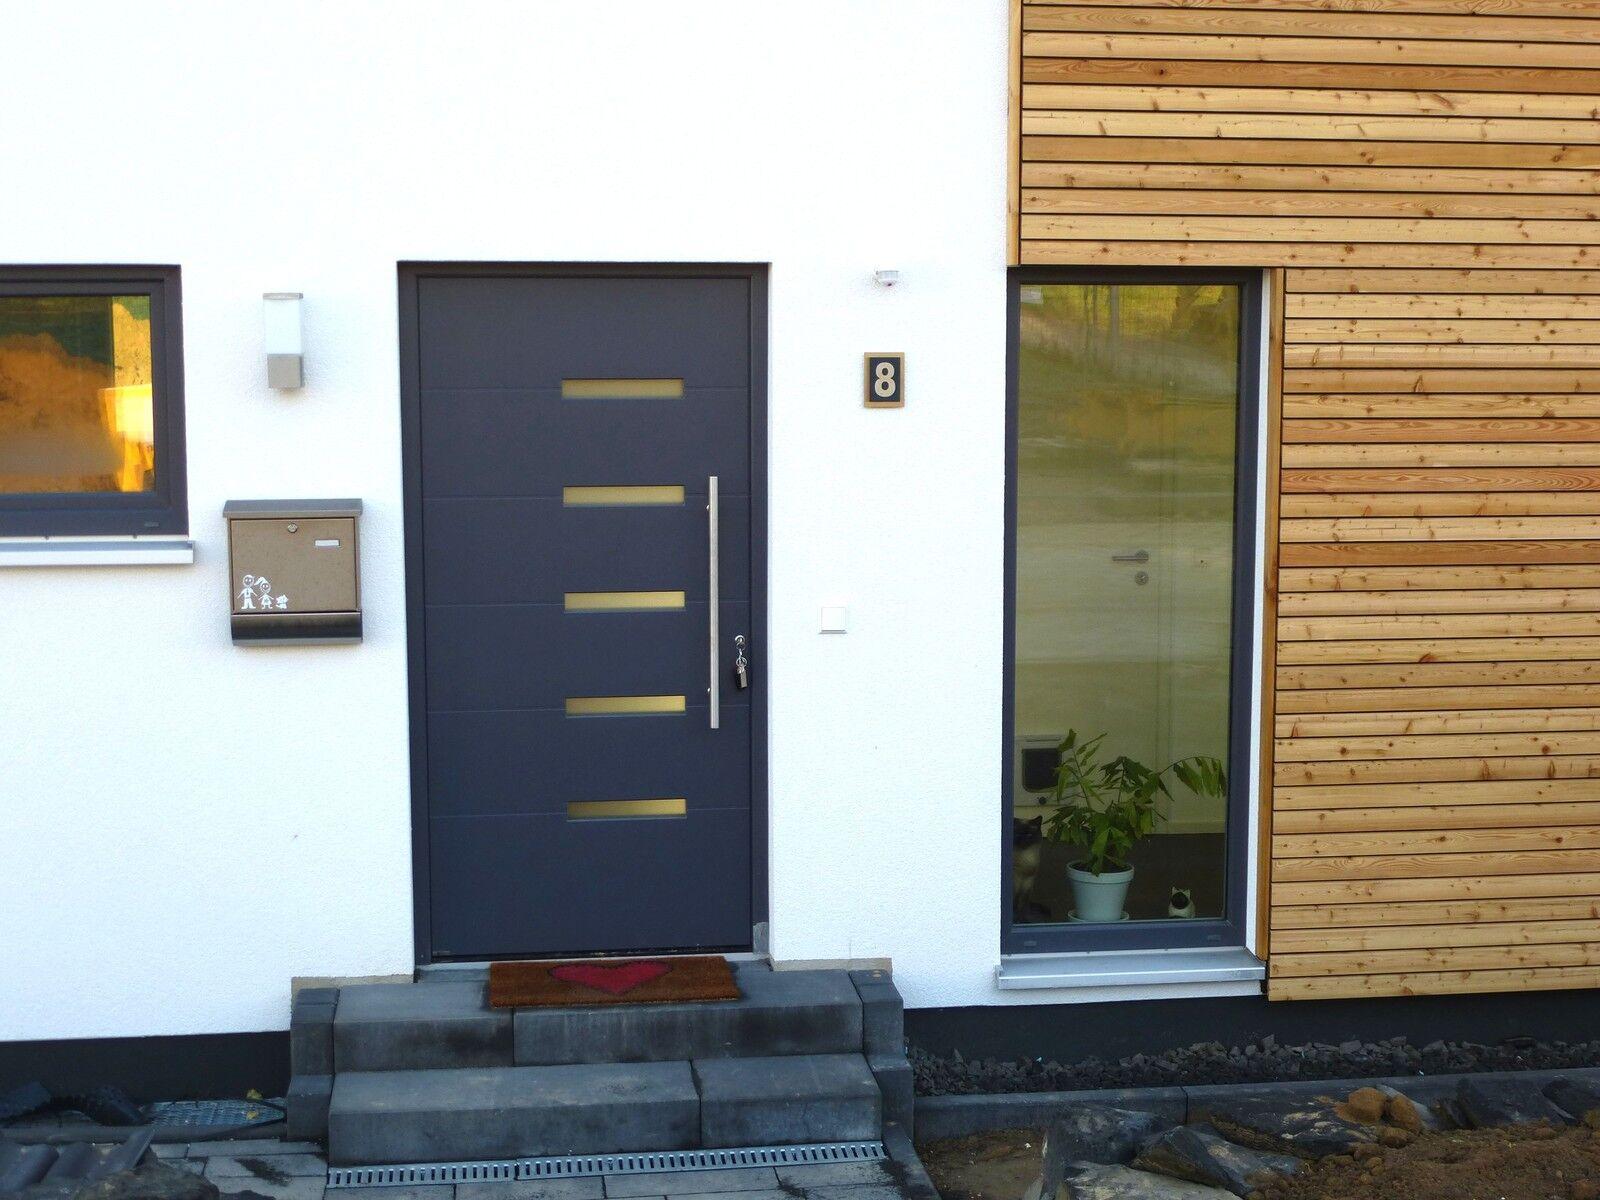 hausnummer edelstahl anthrazit ral 7016 design verona v2a 1 stellig 1 9 eur 54 95 picclick de. Black Bedroom Furniture Sets. Home Design Ideas